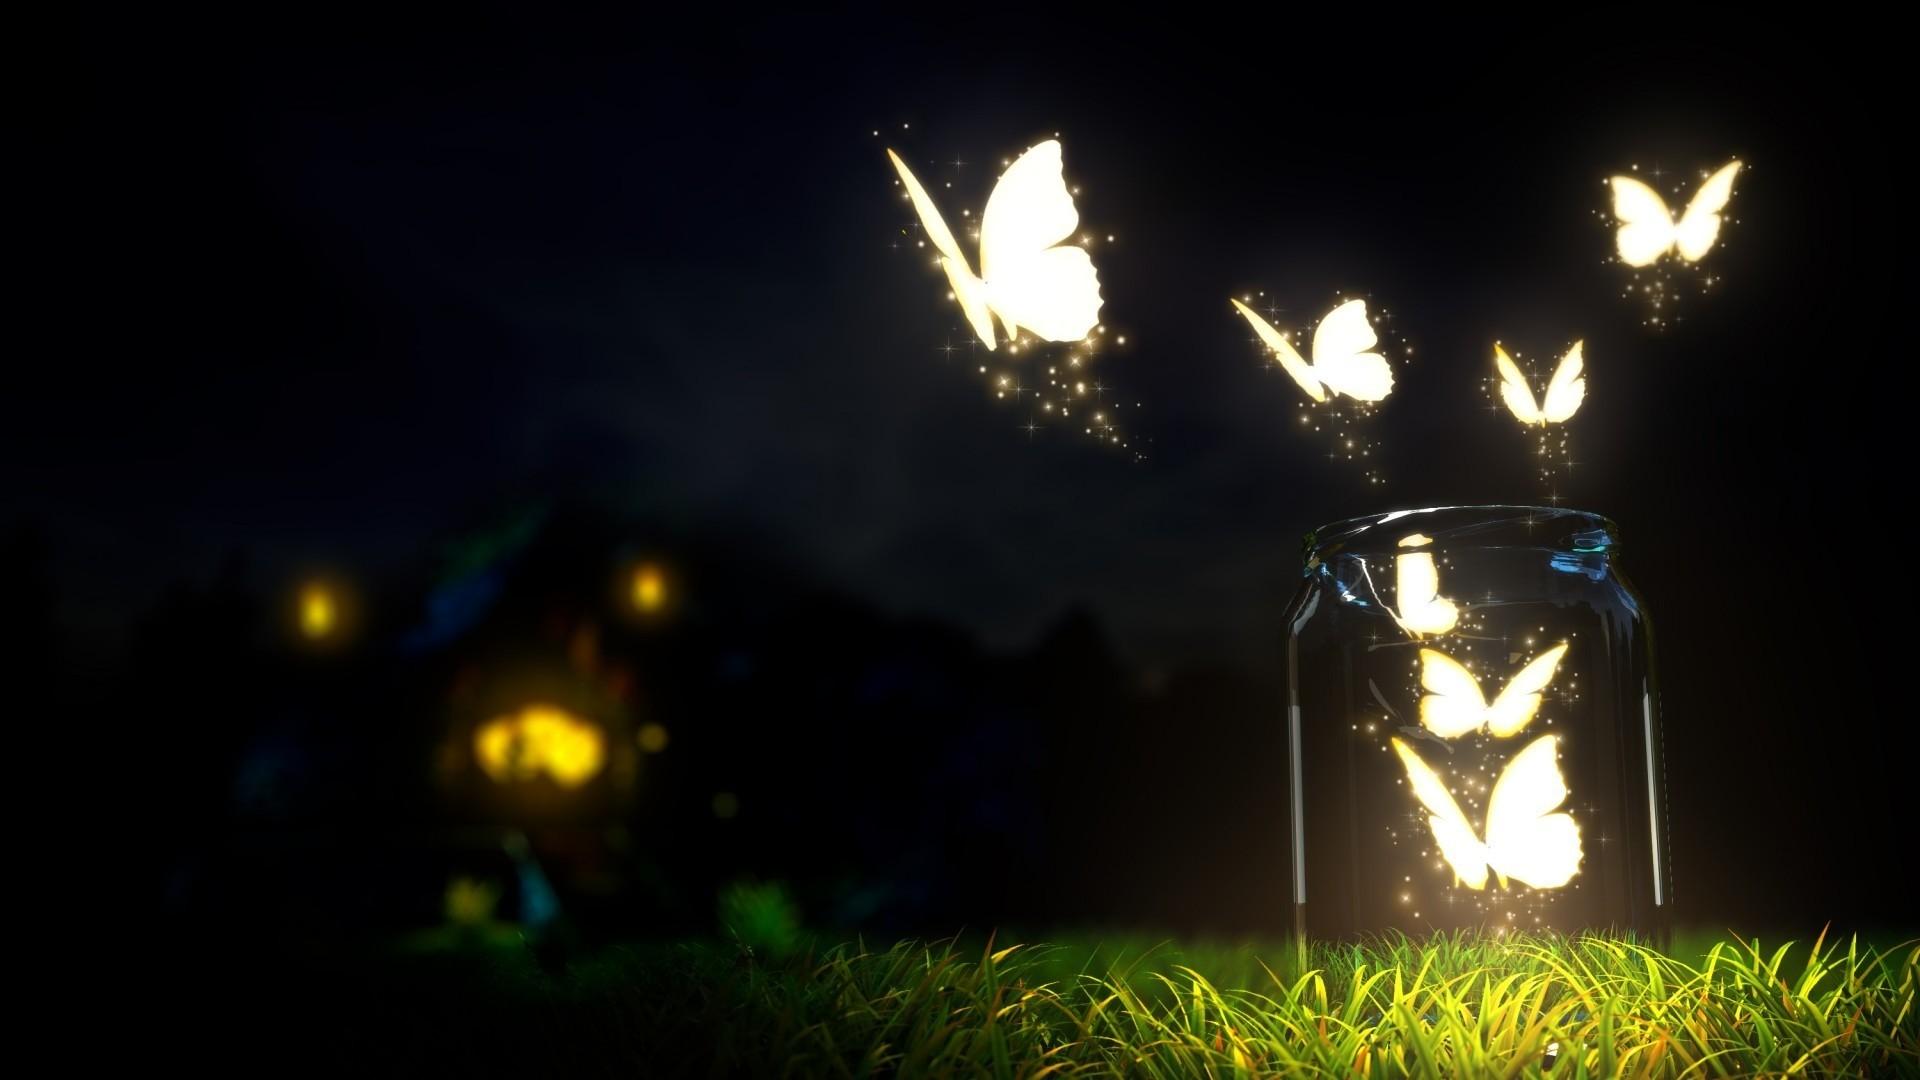 fantasy art lights grass butterfly glass night wallpaper 1920x1080